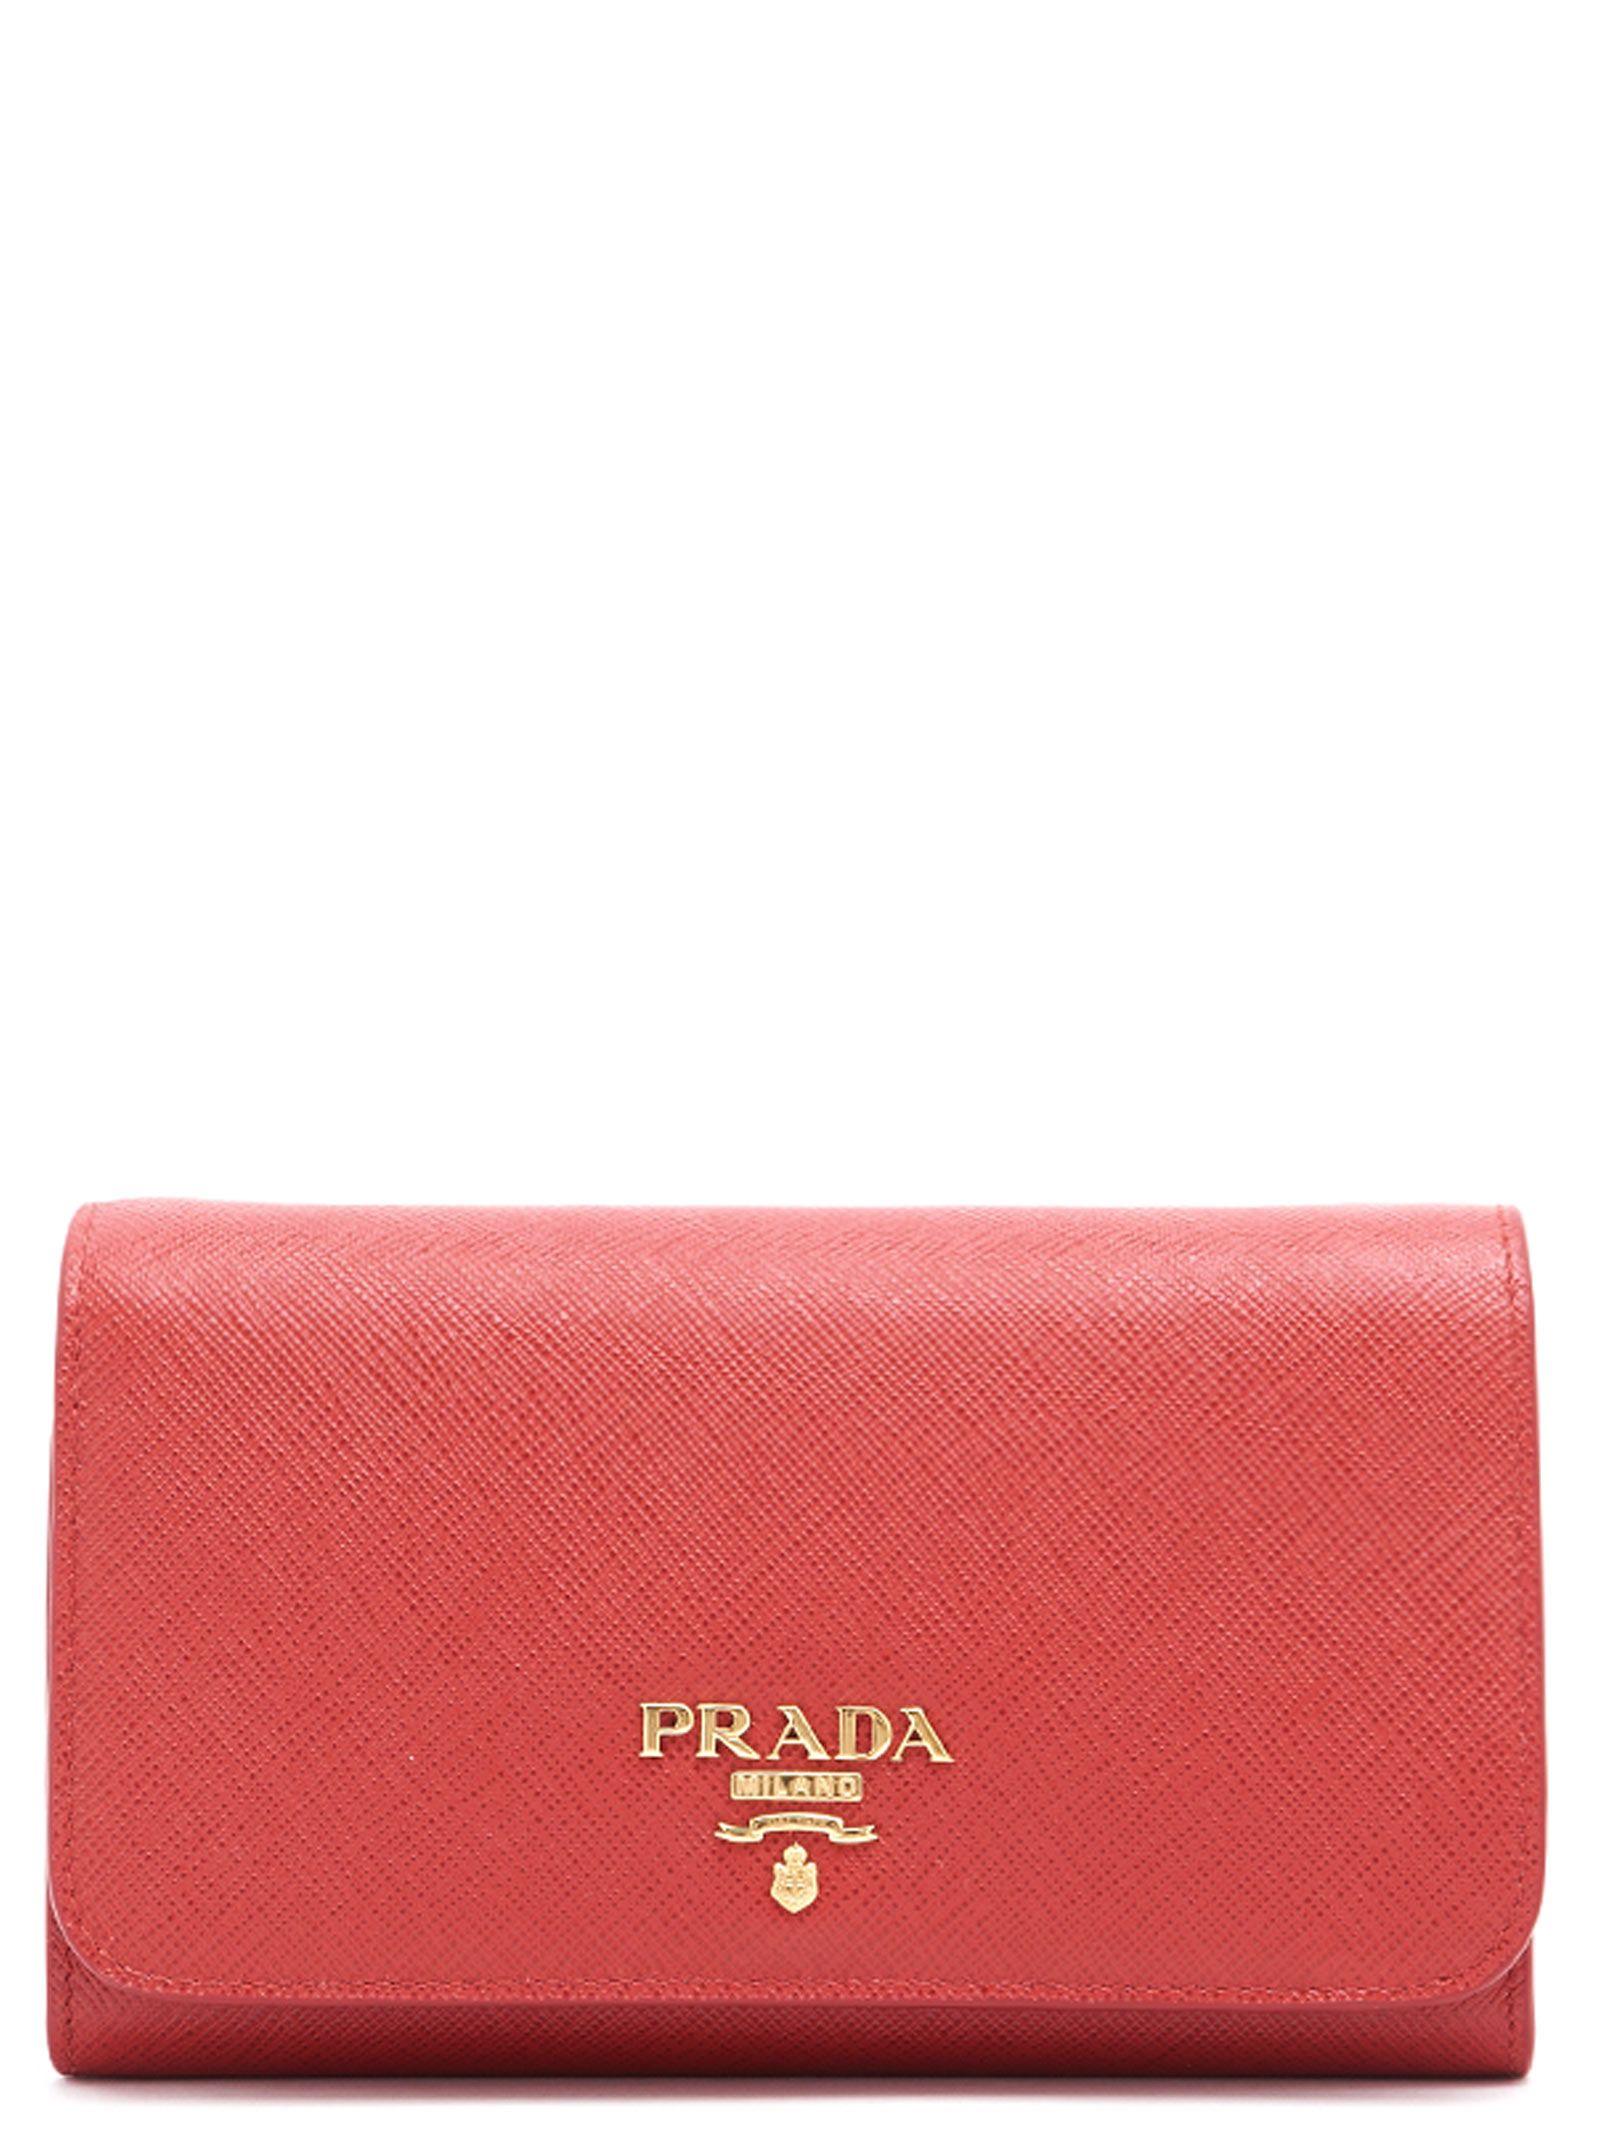 Prada Prada Bag - Red - 10845936  07b2c428b66c8